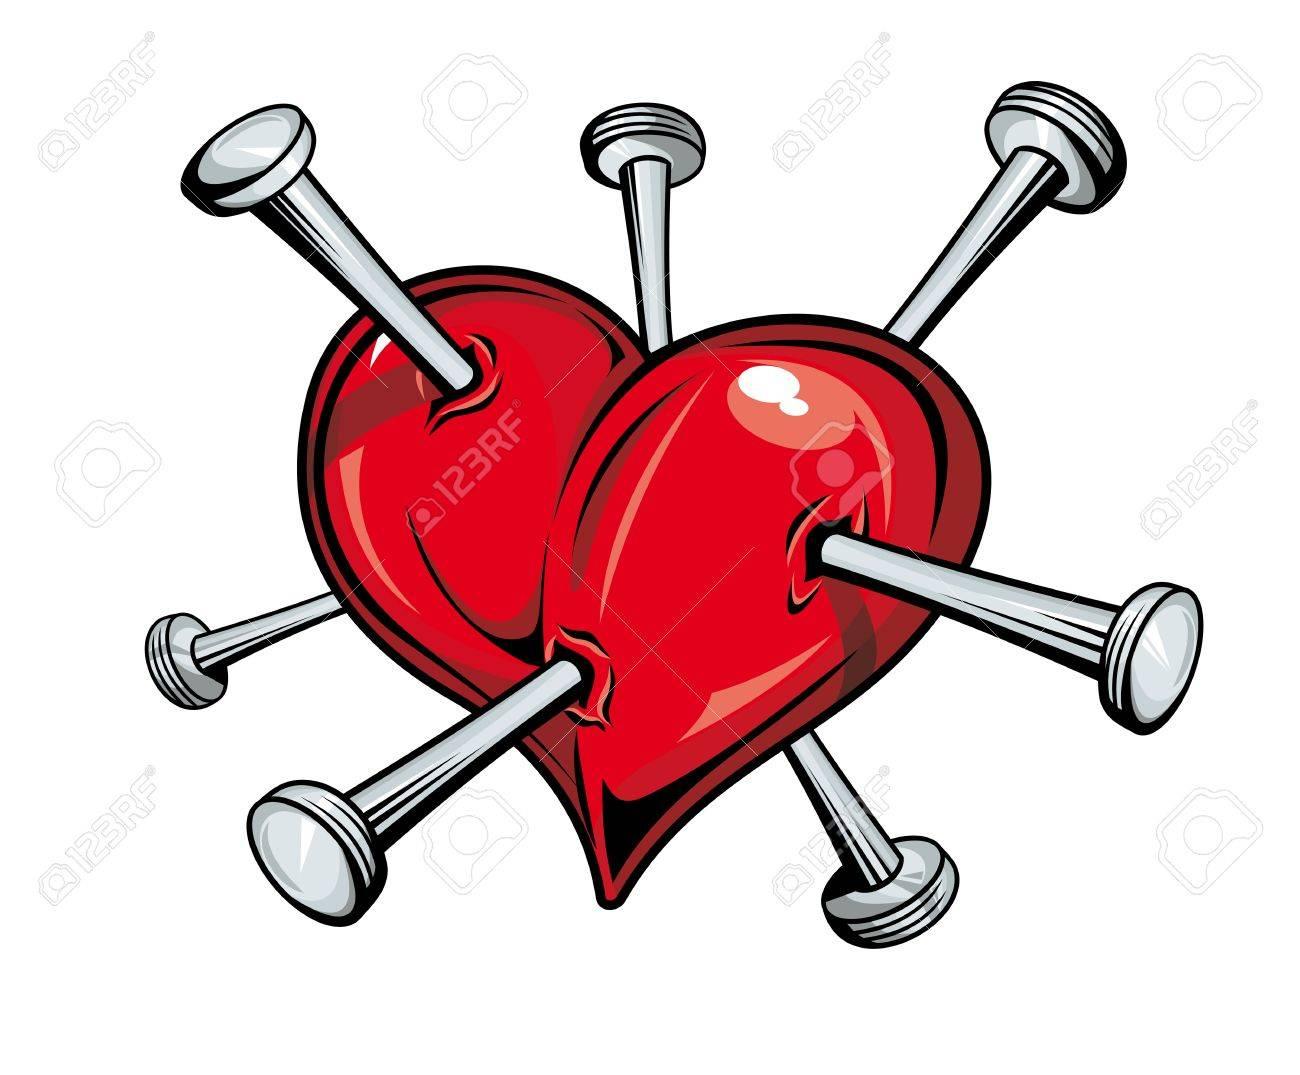 Image result for heart damage